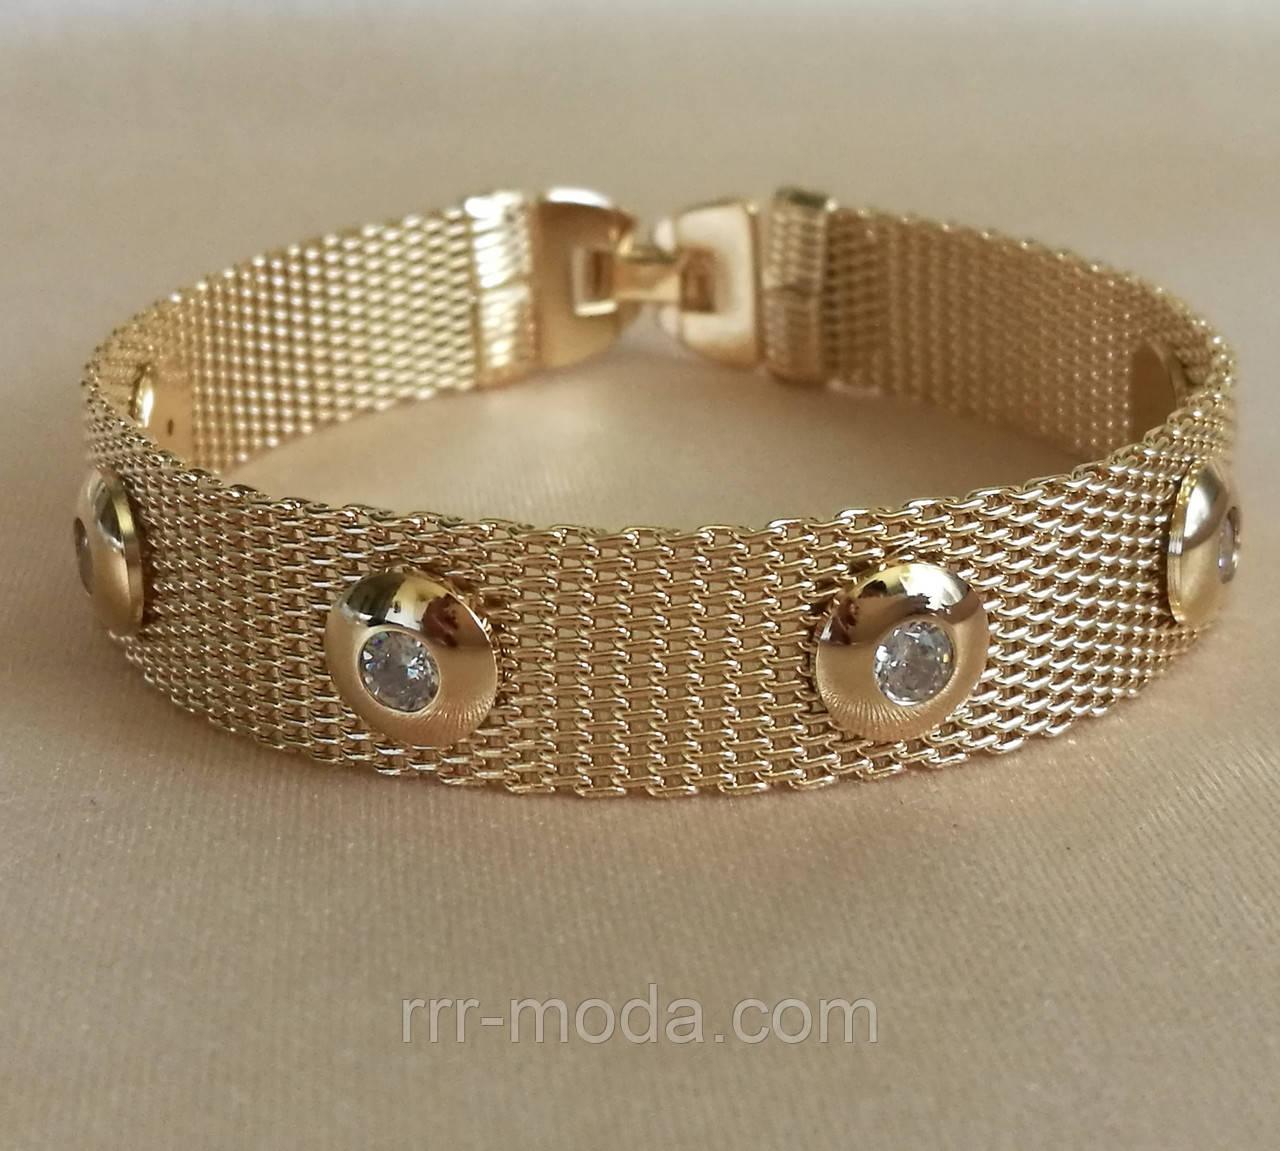 cdb7928564b3 Купить 124. Цепочные женские браслеты (опт). Толстые браслеты цепочки -  ювелирная ...